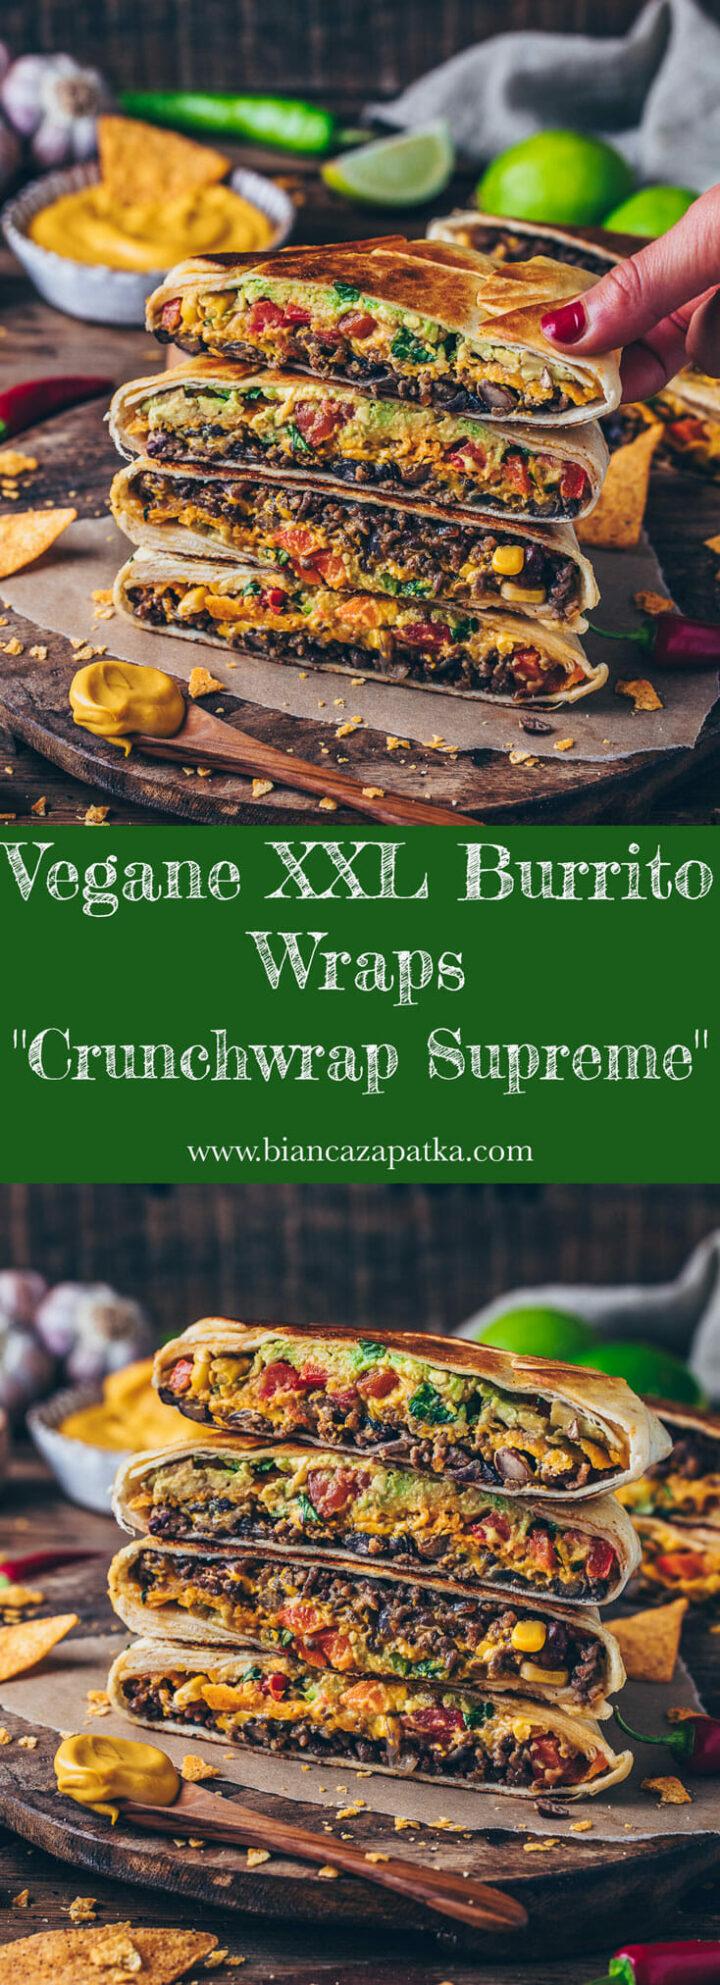 Crunchwrap Supreme - vegane Tortilla Wraps Sandwich mit Taco Burrito Füllung, Käsesauce, Nachos, Tomaten, Paprika, Salat, Mais und Käsesosse